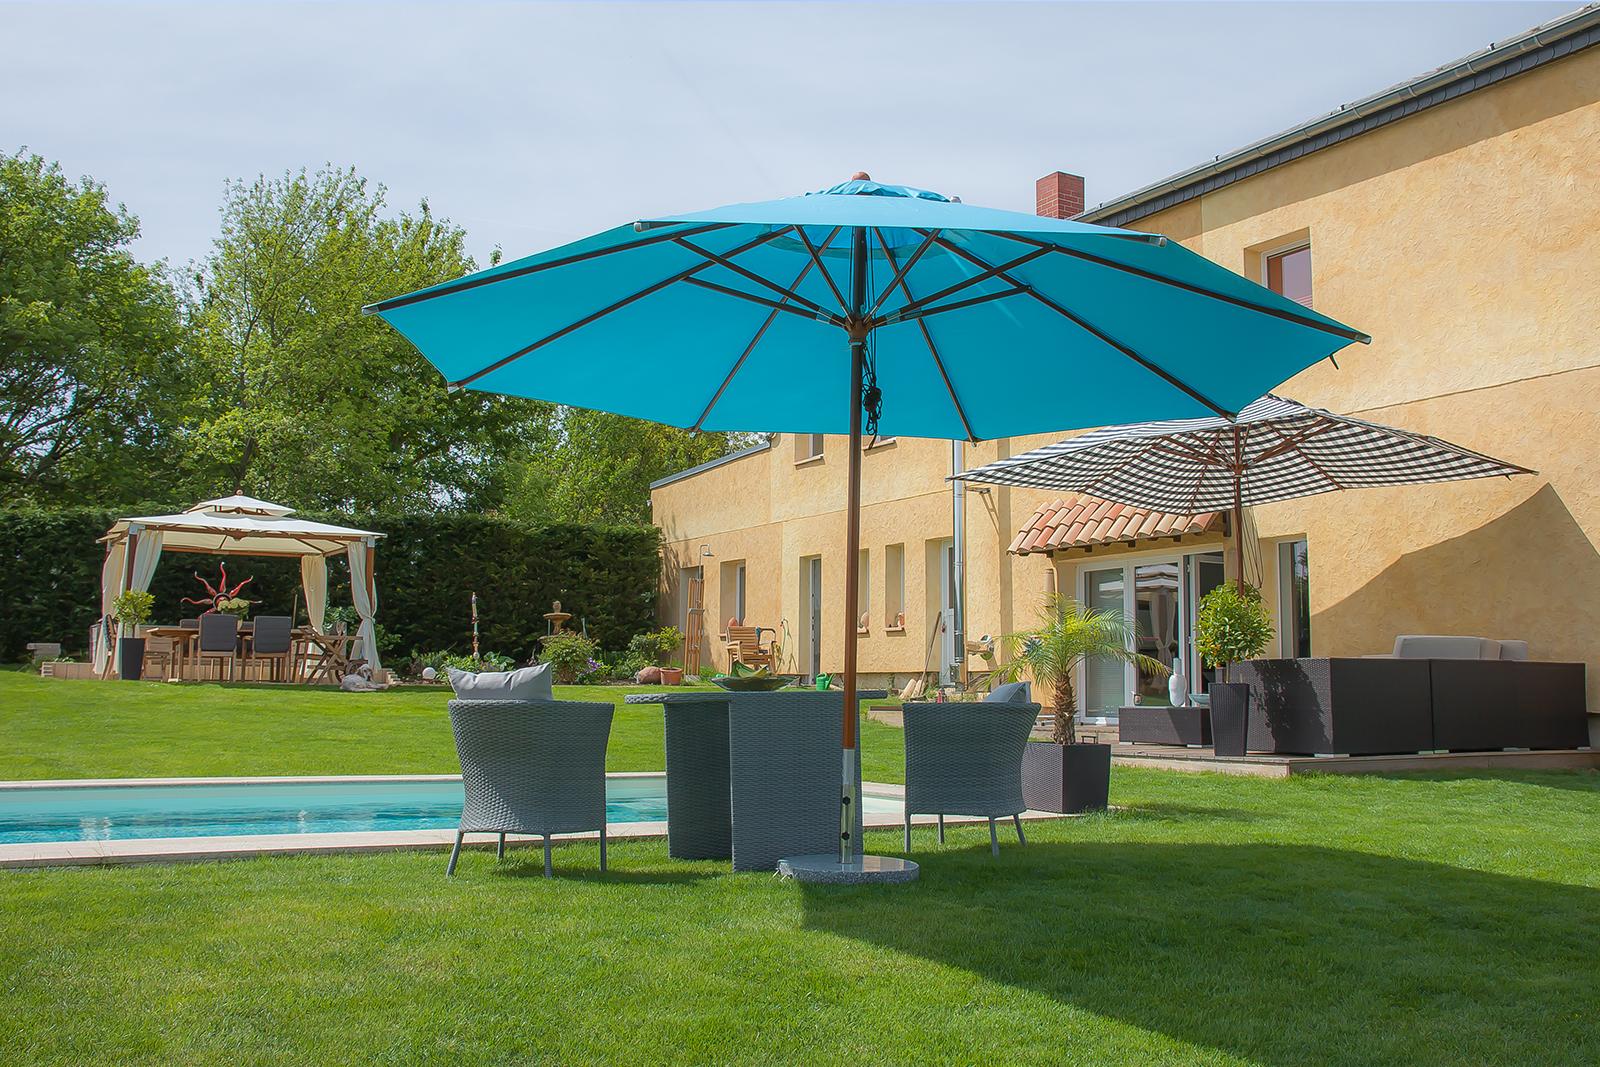 Sonnenschirm, Pavillon, Gartenmöbel, Polyrattanmöbel, Sommer